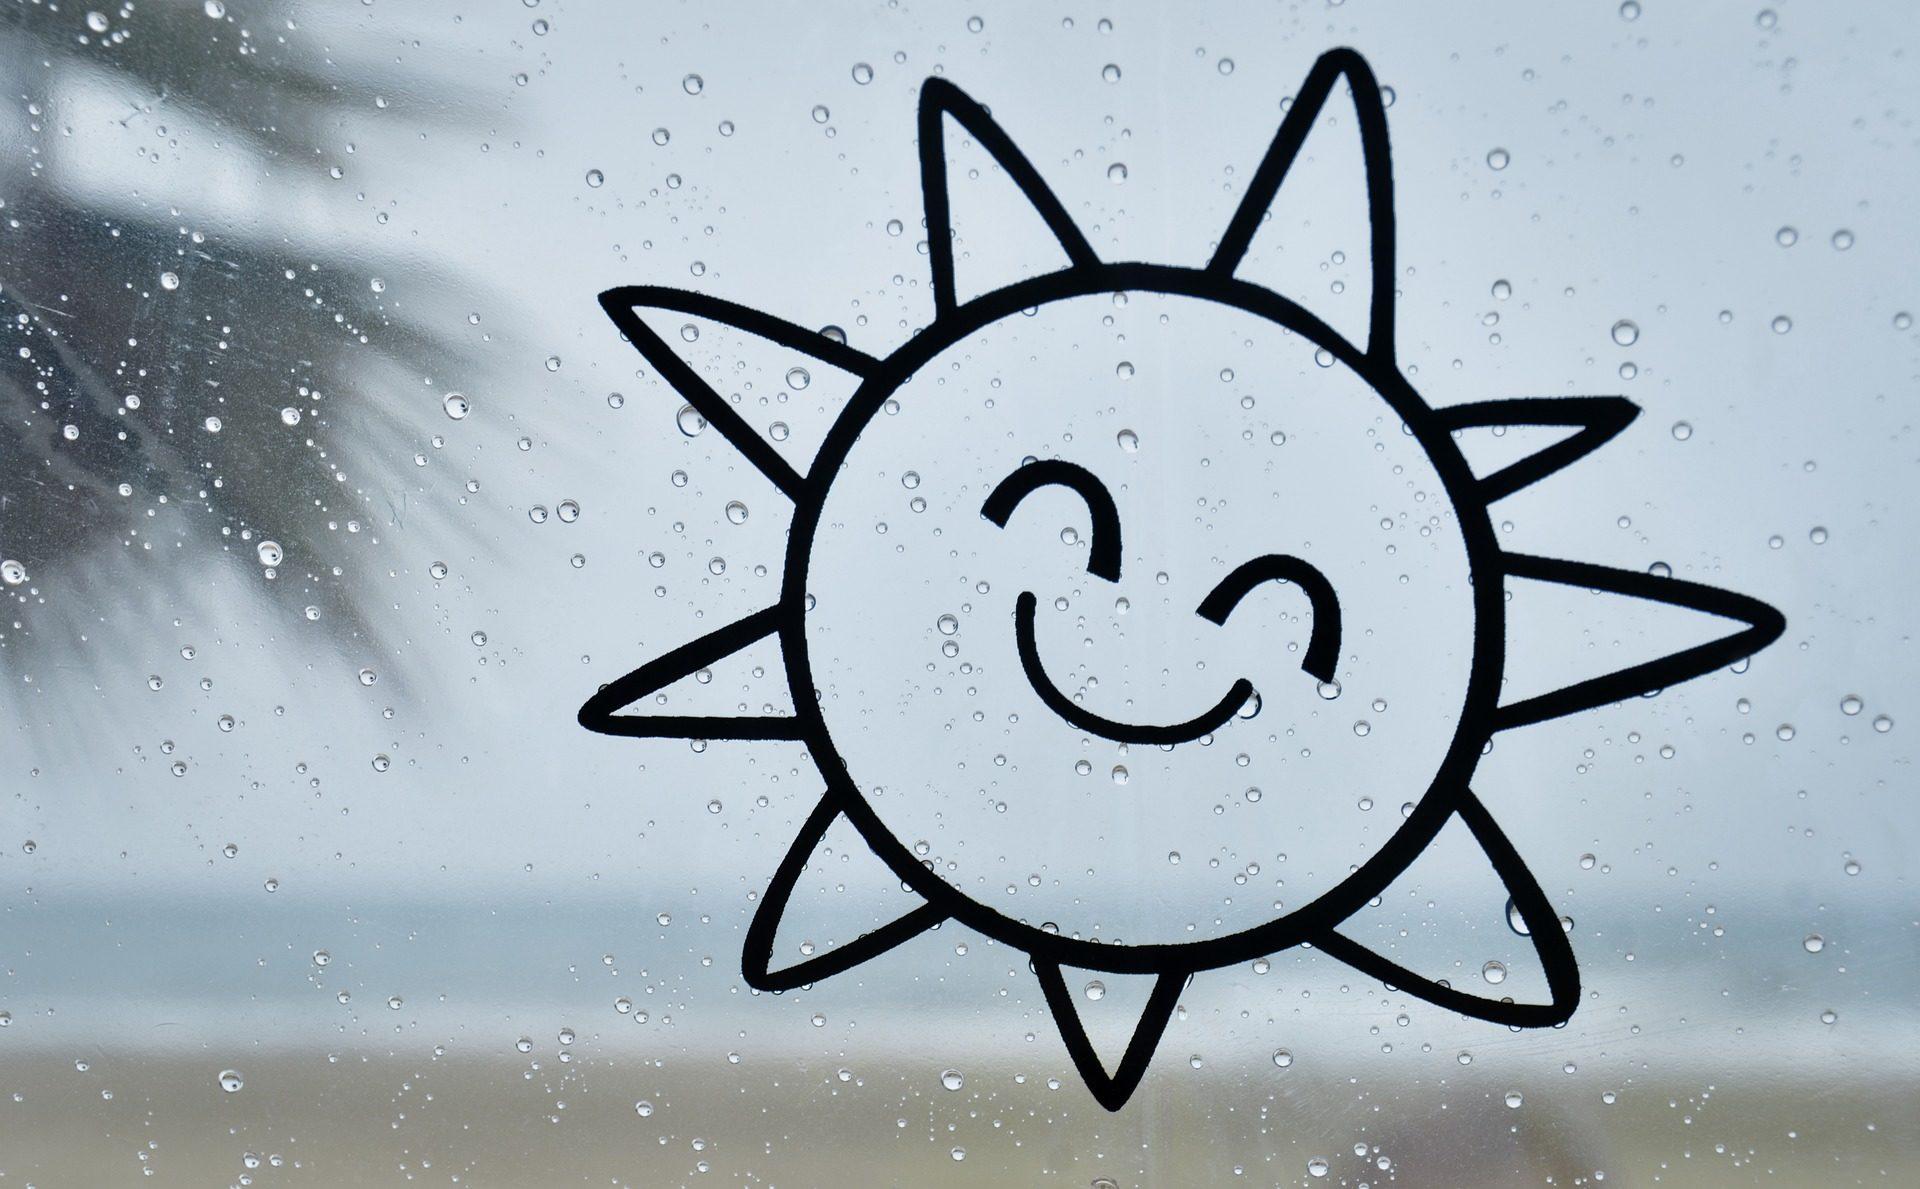 Κρύσταλλο, γυαλί, βροχή, σταγόνες, Σχήμα, Κυρ, το γέλιο - Wallpapers HD - Professor-falken.com